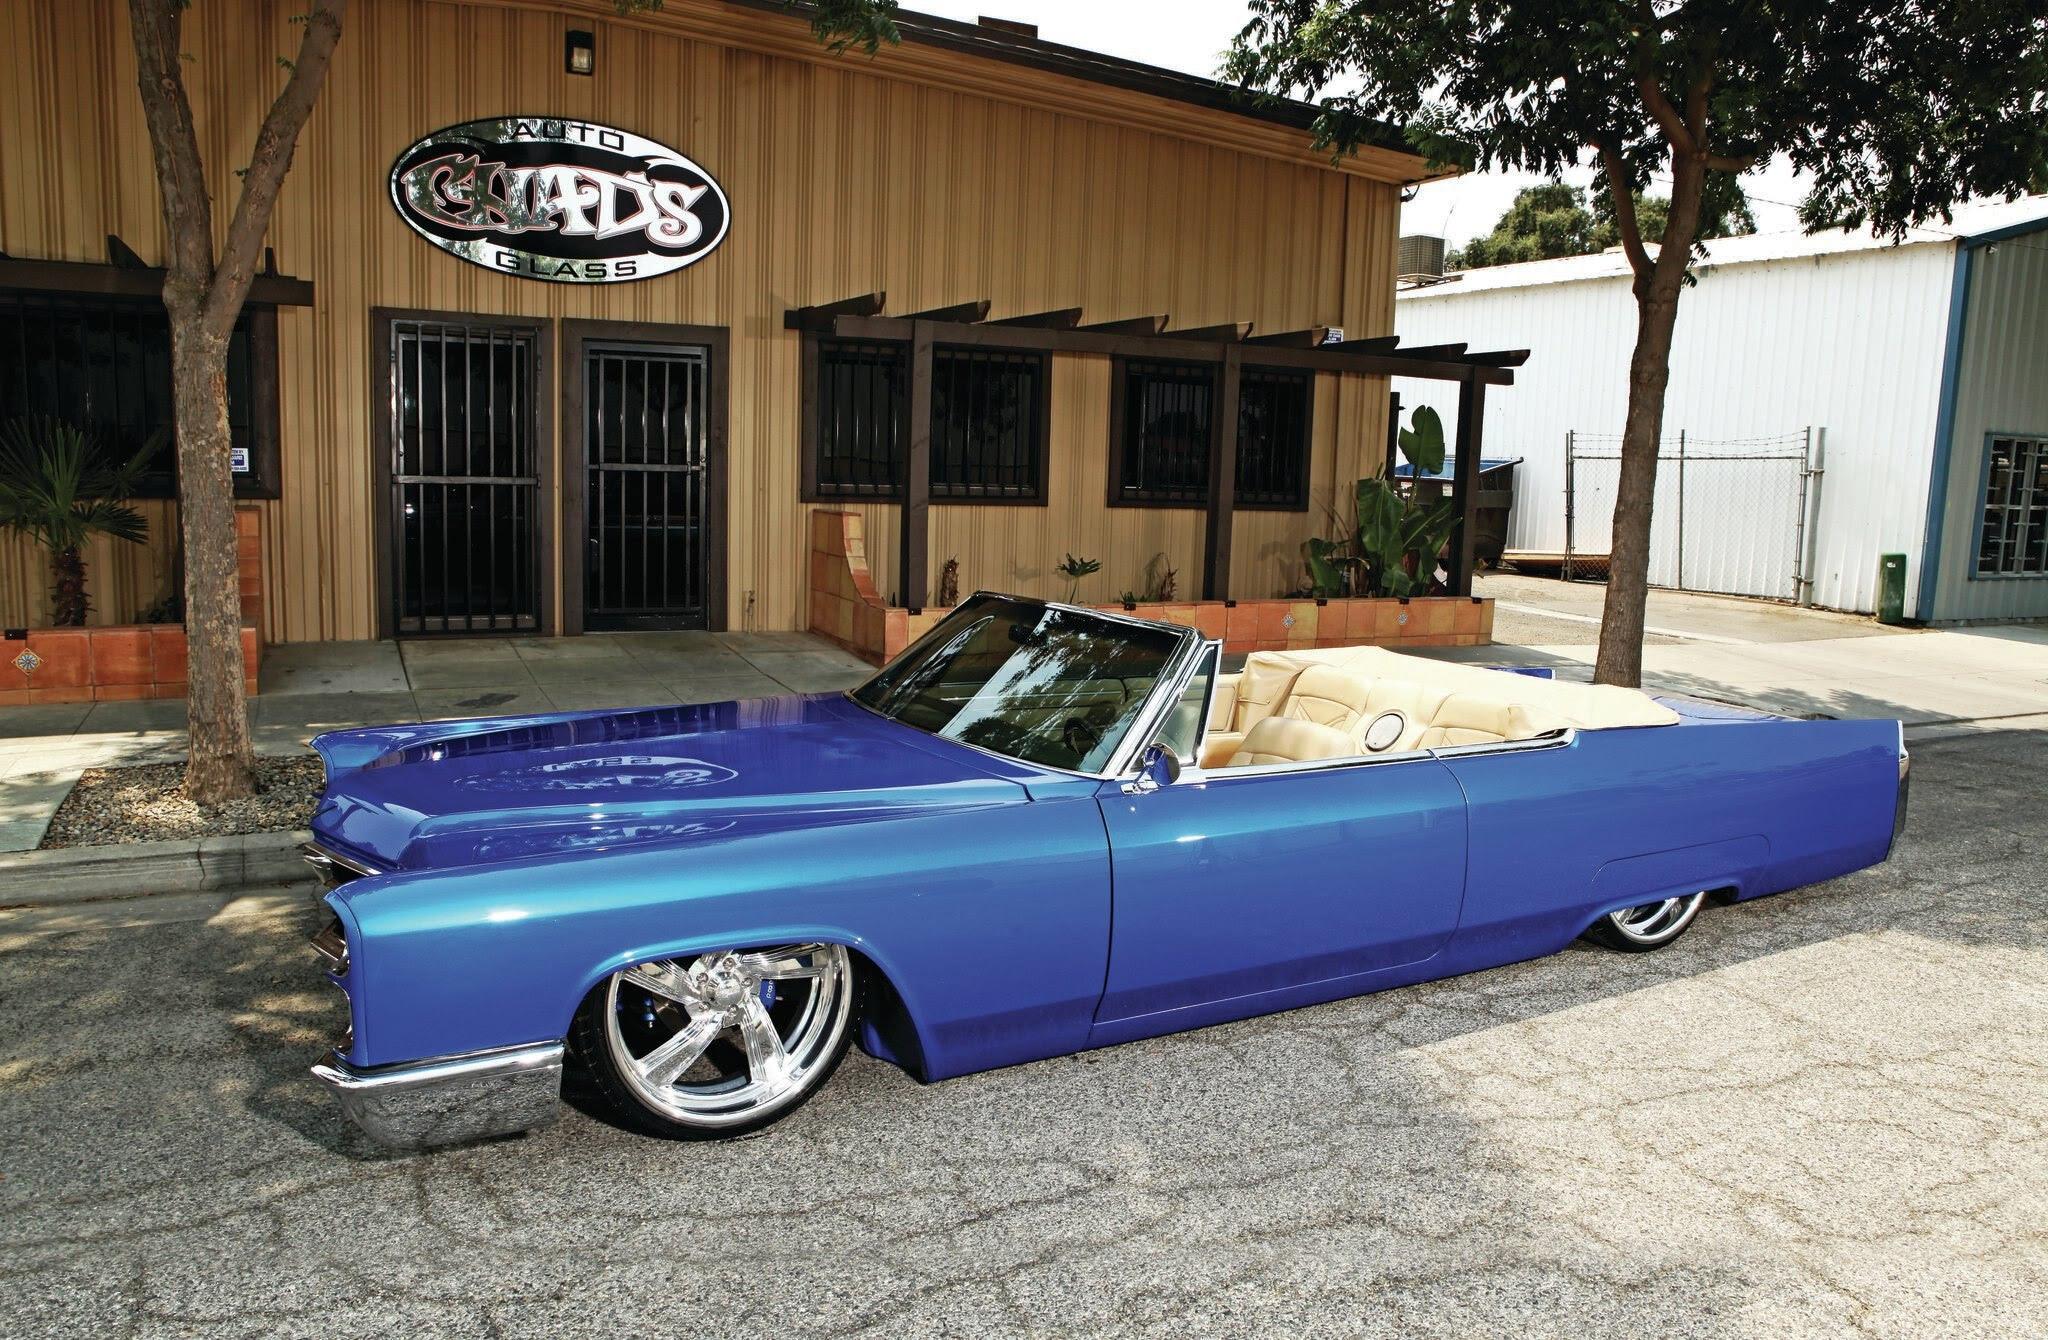 1966 Cadillac Coupe DeVille - LS Blues